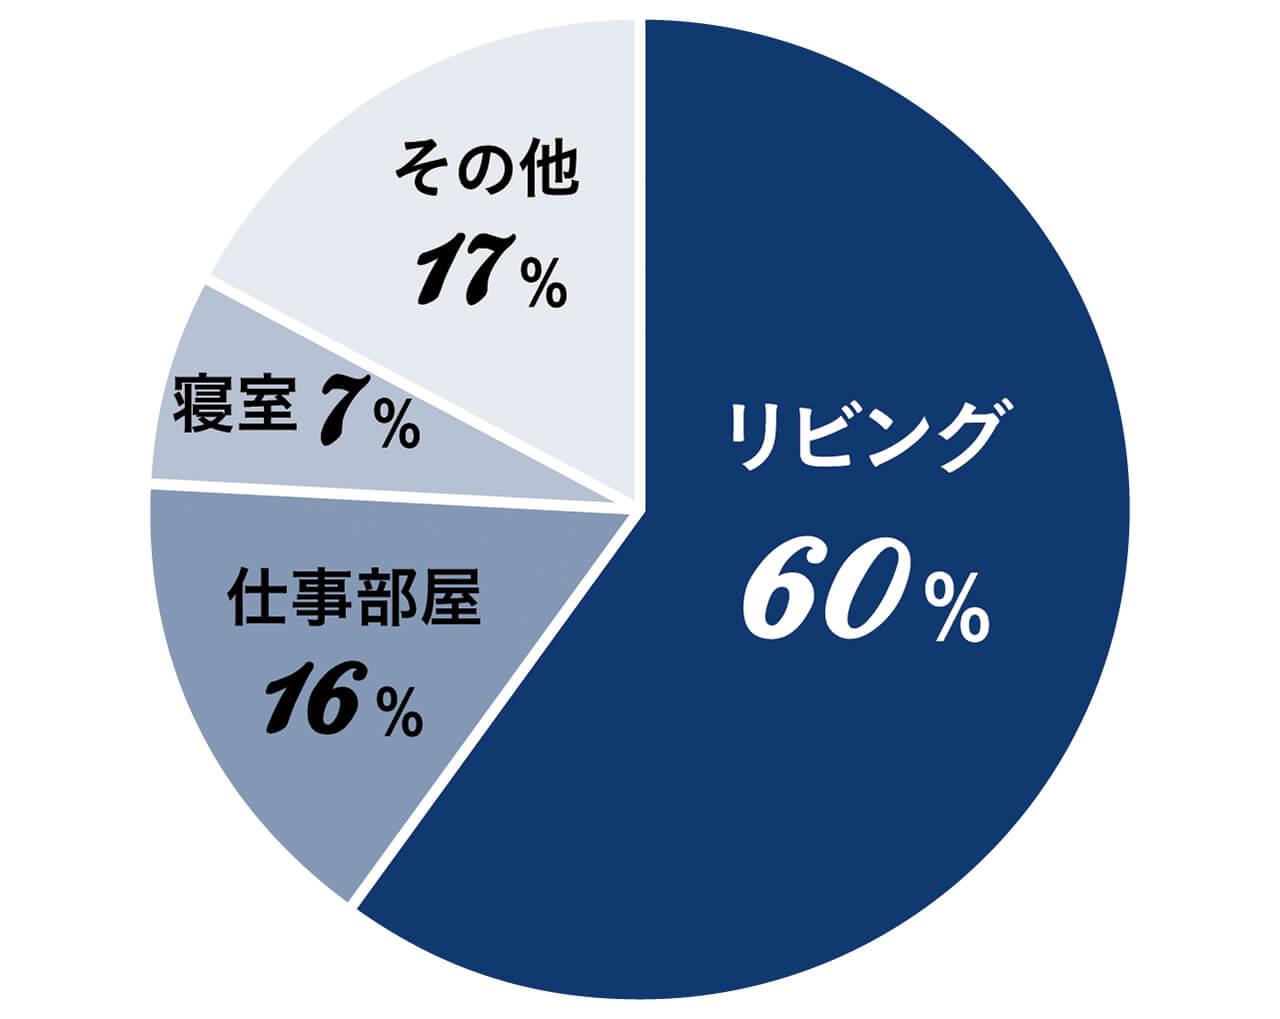 リビング60% 仕事部屋16% 寝室7% その他17%